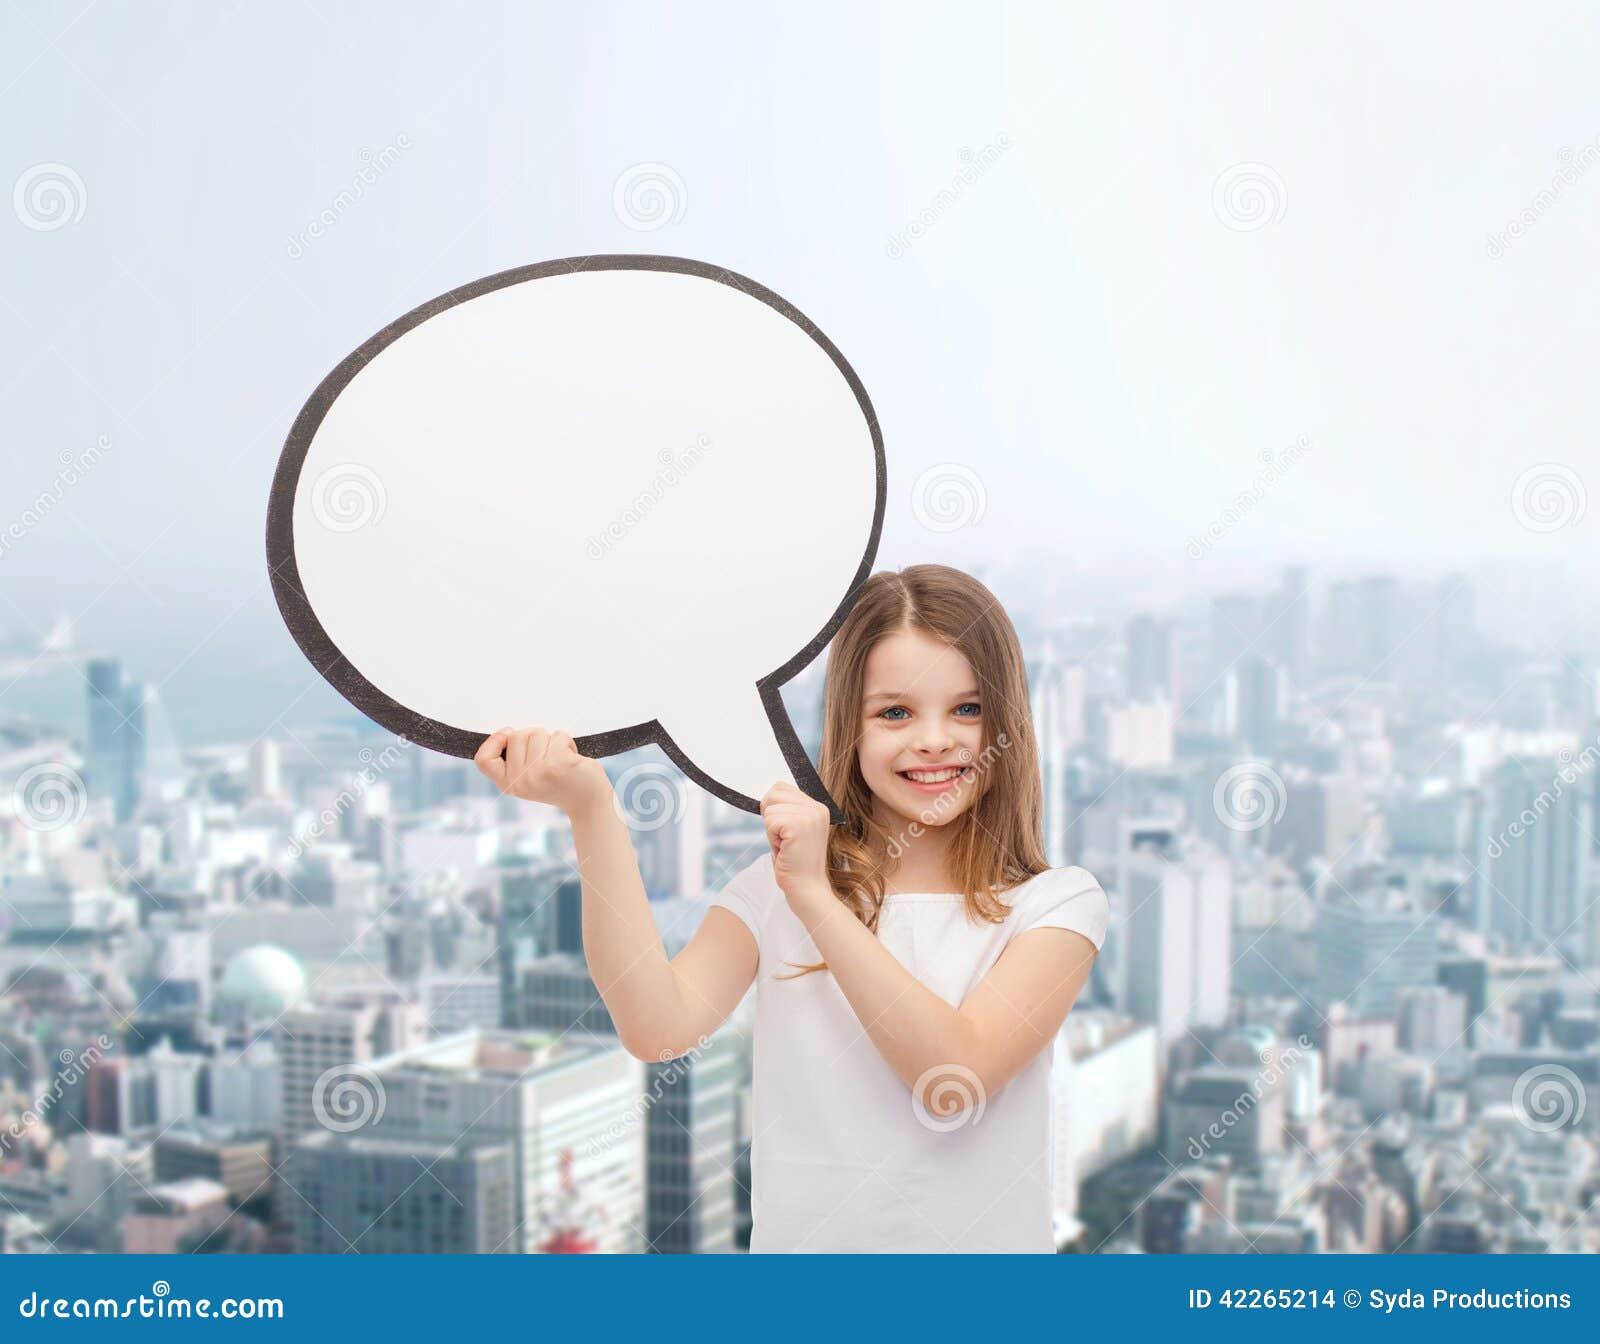 Comment ouvrir une discussion avec une fille